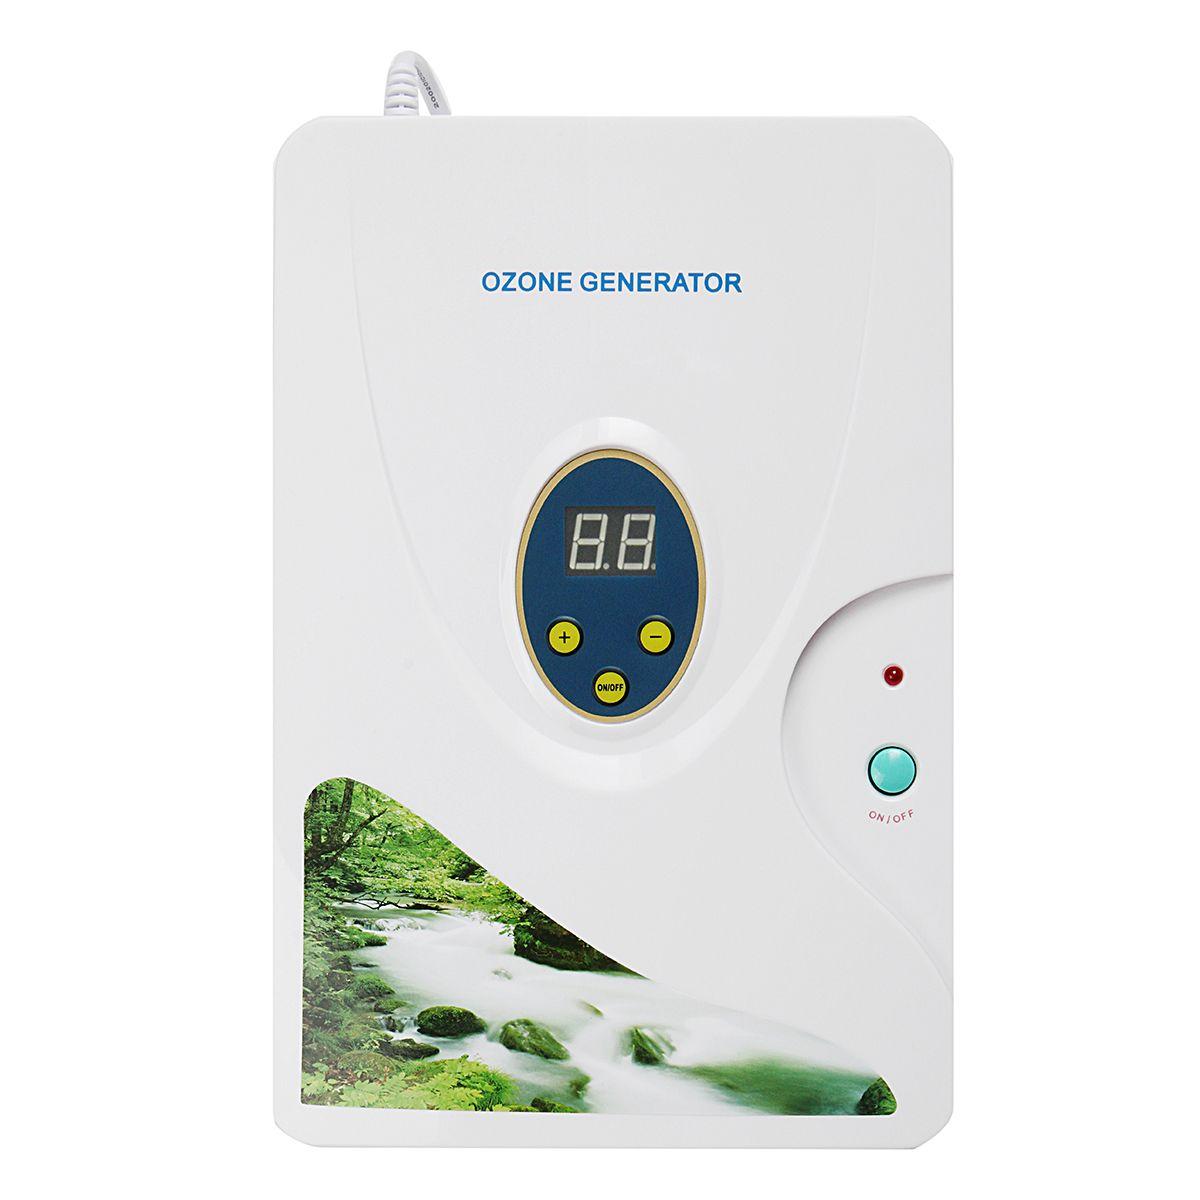 Us 51 72 Ozon Generator Ozonator 400mg H Luftreiniger Wasser Nahrungsmittelfrucht Sterilisator Des Ozon 220v 12w Haushaltsgerateteile From Haushaltsgerate On Ozongenerator Luftreiniger Puerto Rico